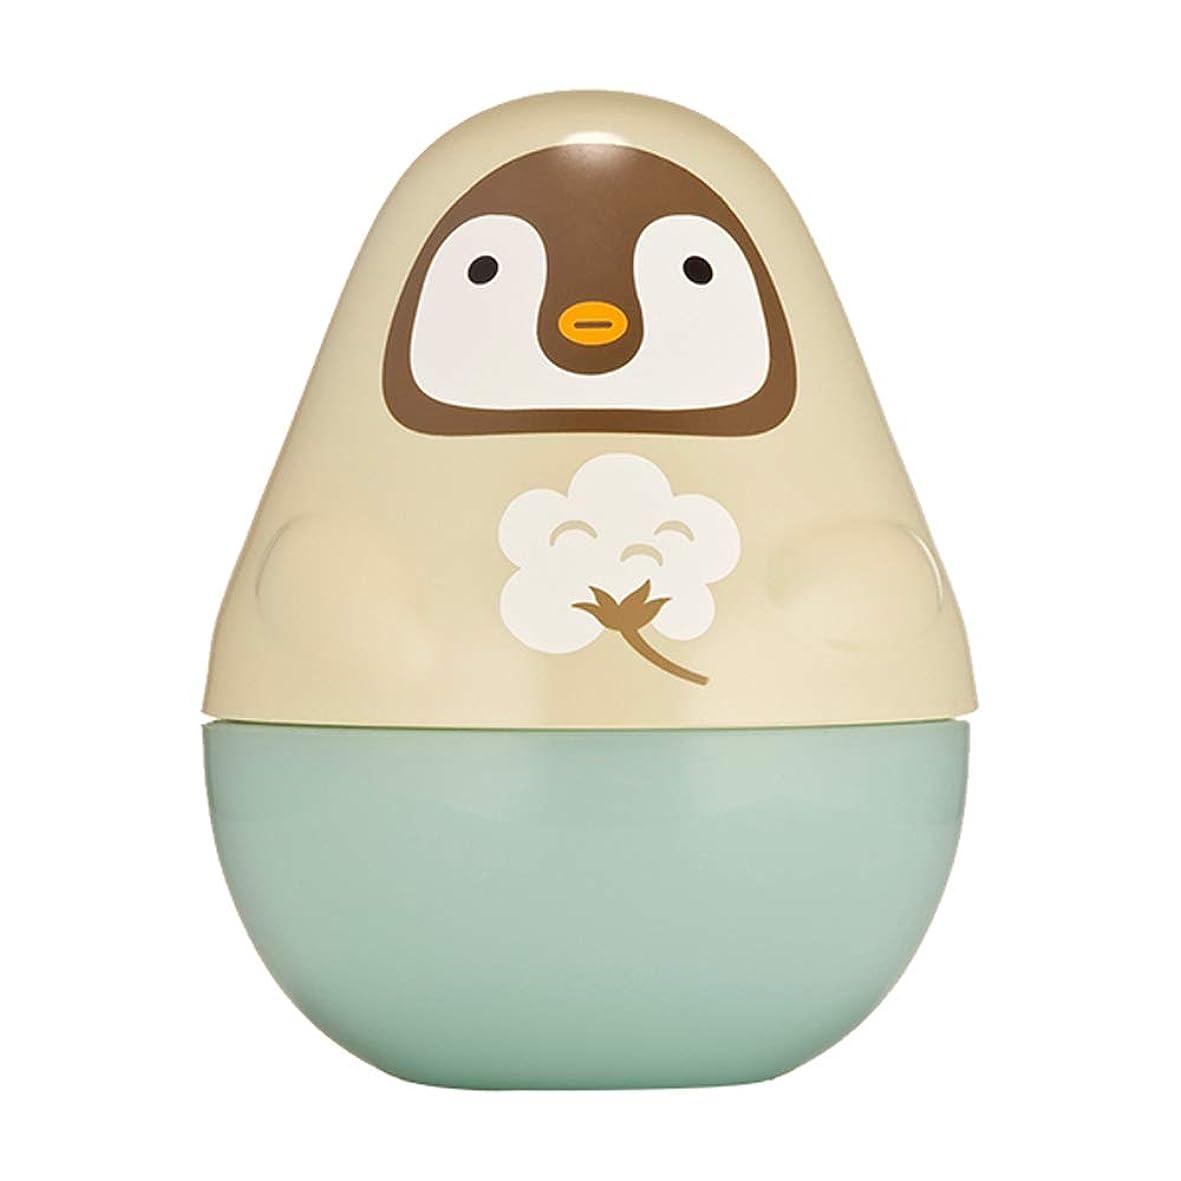 実験的始まりばかエチュードハウス(ETUDE HOUSE) ミッシングユー ハンドクリーム ペンギン(ベビーパウダーの香り)